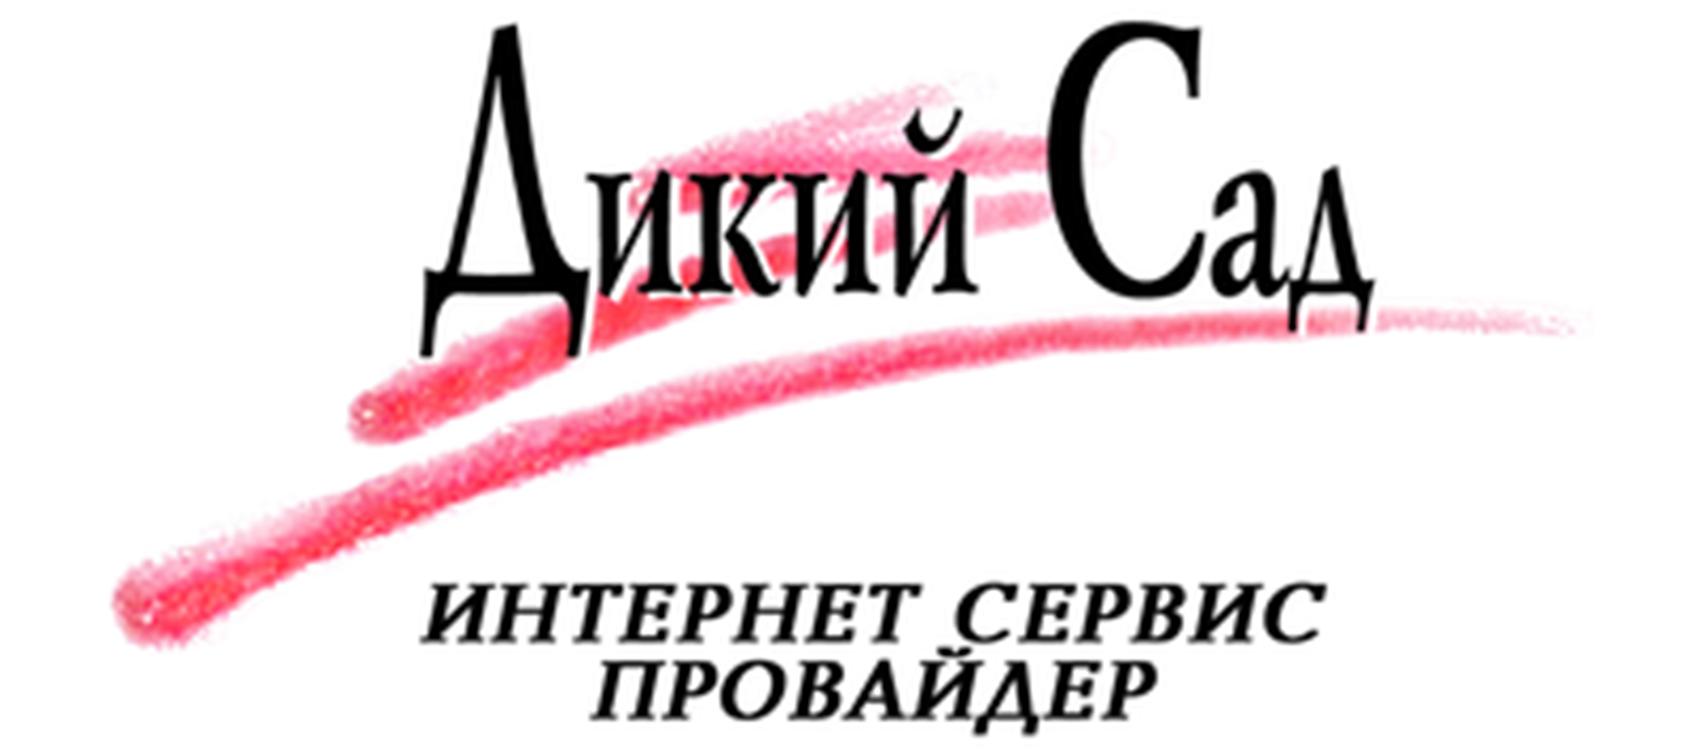 Дикий Сад  (Николаев)